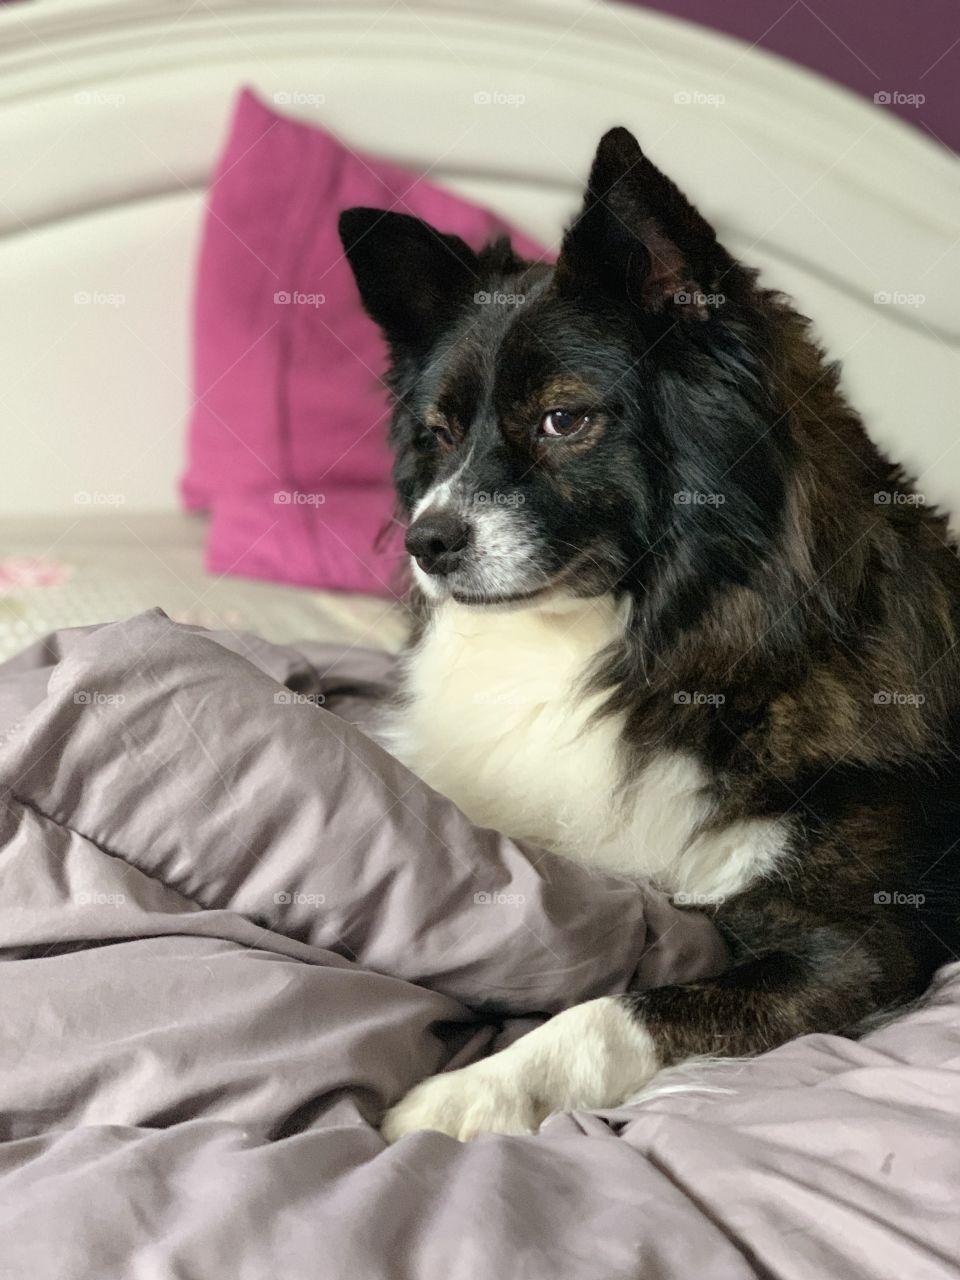 Dog, Mammal, Bed, Pet, Cute